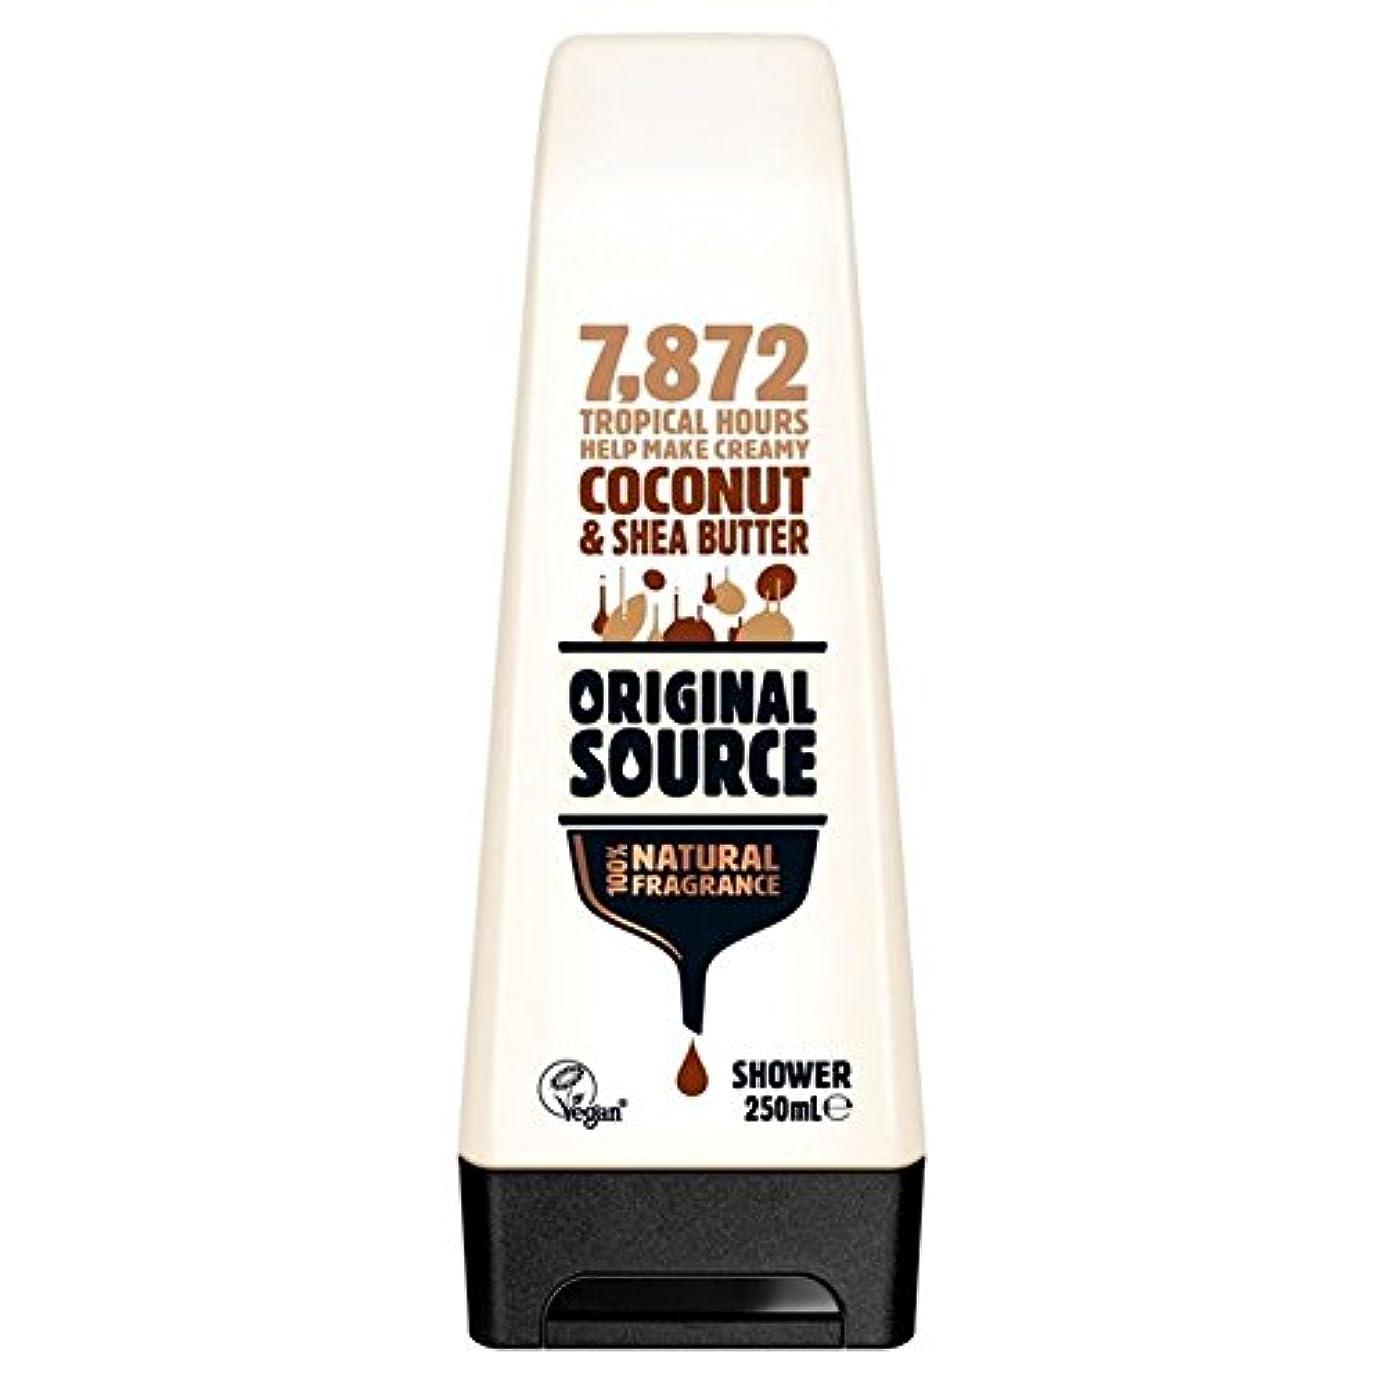 寛大さ対象ガジュマルOriginal Source Moisturising Coconut & Shea Butter Shower Gel 250ml - 元のソース保湿ココナッツ&シアバターシャワージェル250ミリリットル [並行輸入品]